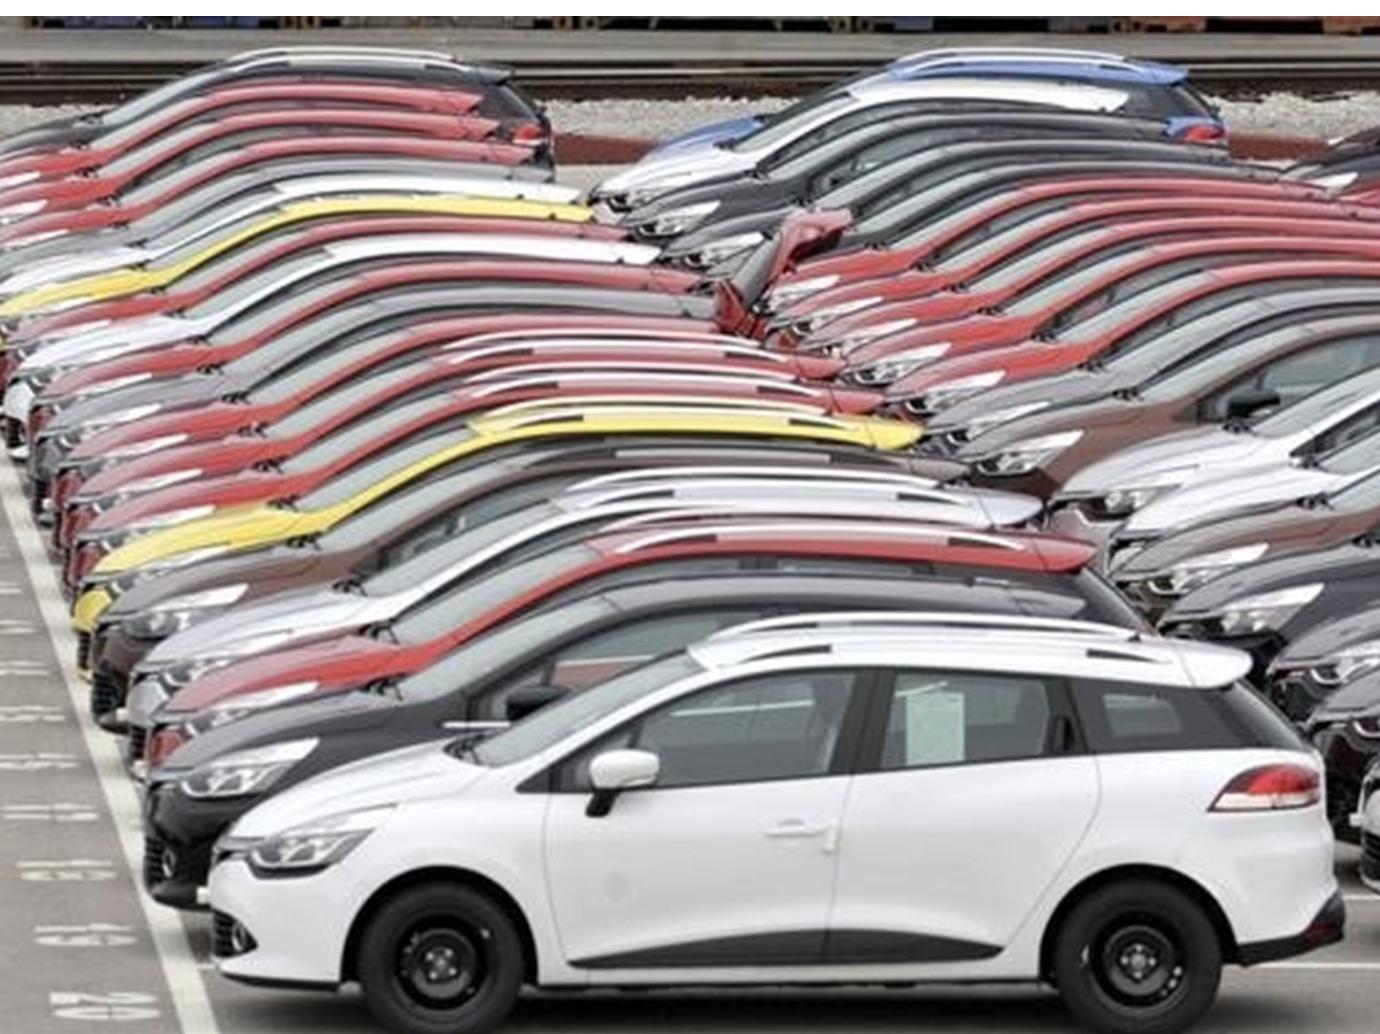 تراجع مبيعات السيارات بالاتحاد الأوروبي بنسبة 8%